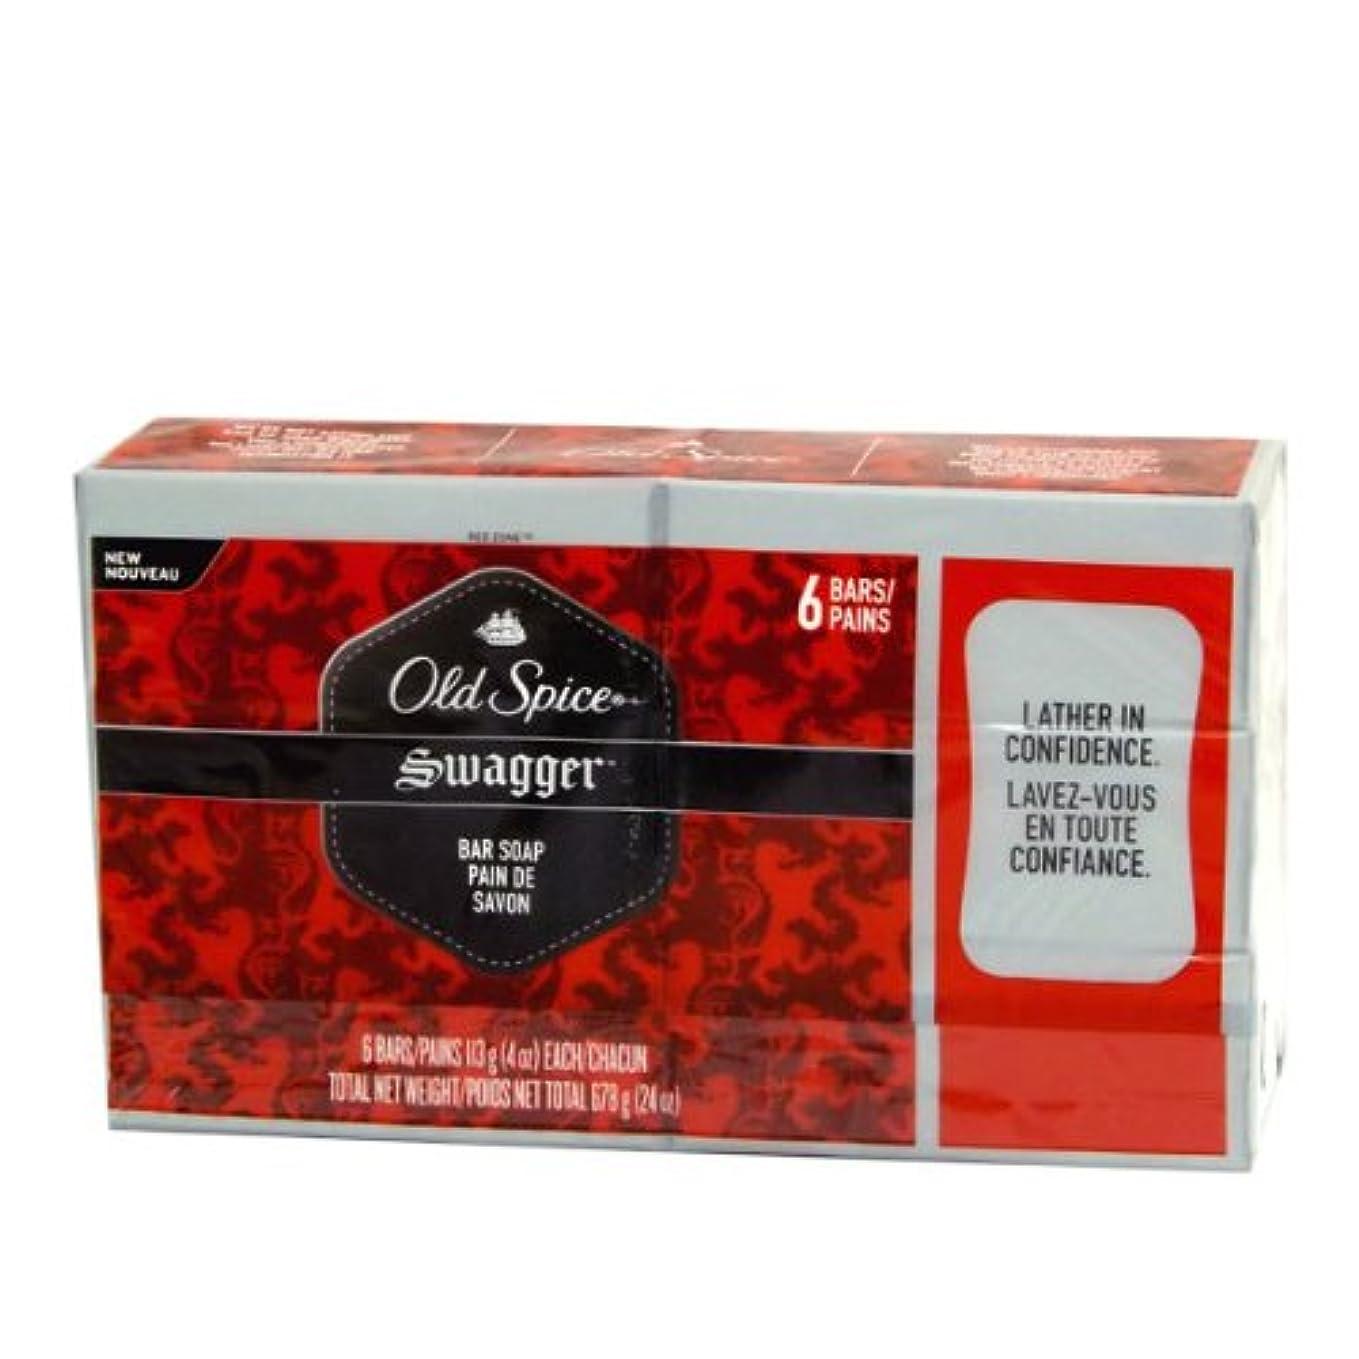 肥満担当者証言するOld spice bar soap swagger オールドスパイス バーソープ スワガー (石鹸) 6個パック [並行輸入品]